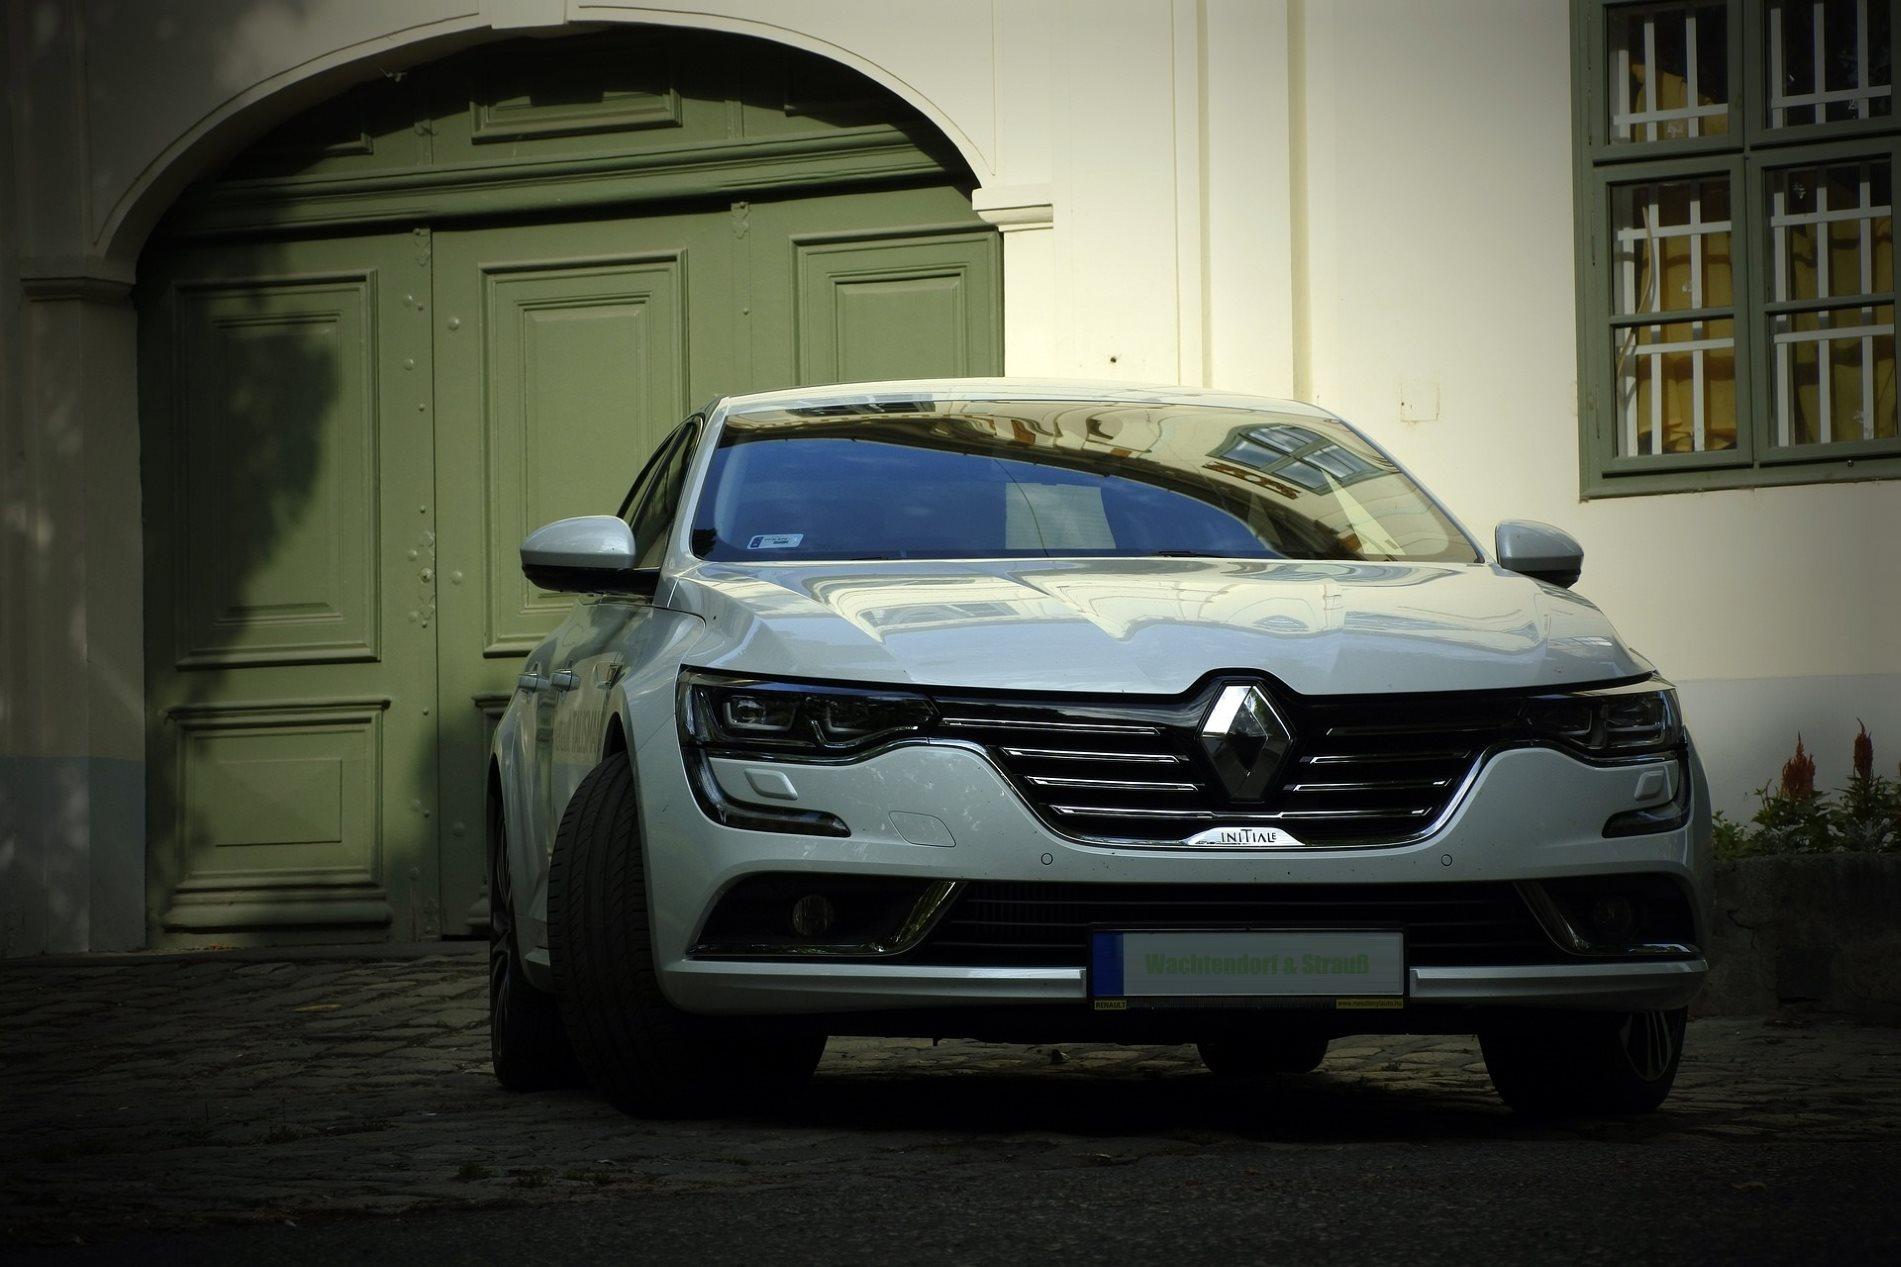 Renault Jahreswagen in Aurich